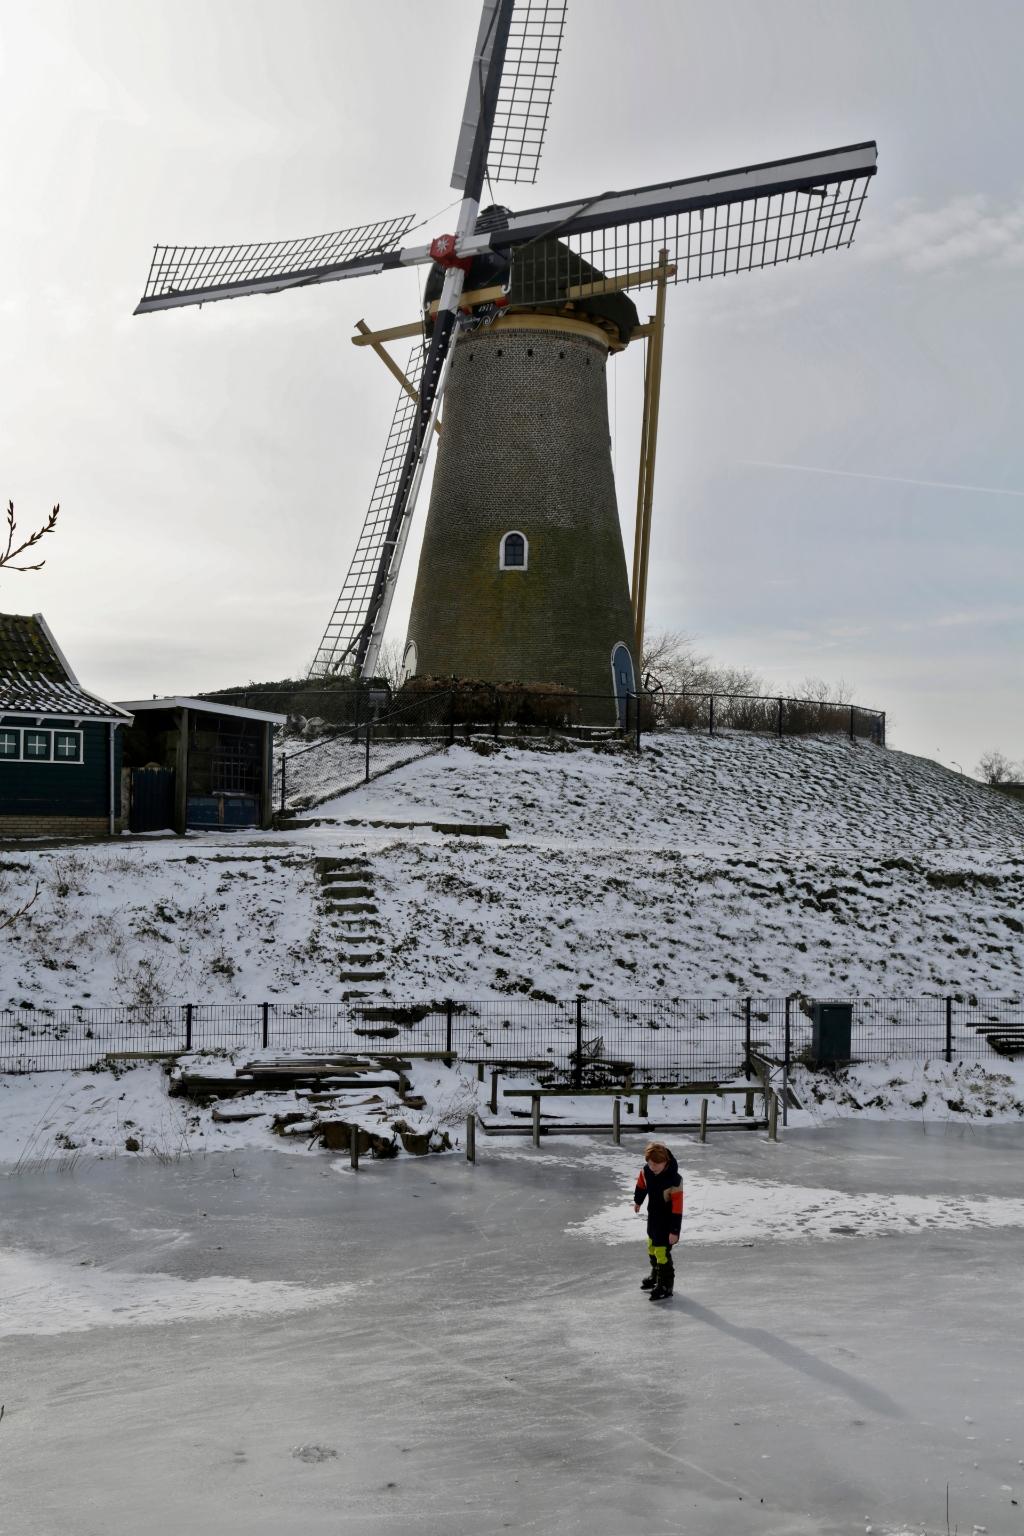 Grote molen de Eersteling en kereltje op de schaats willem ten Veldhuys © BDU media